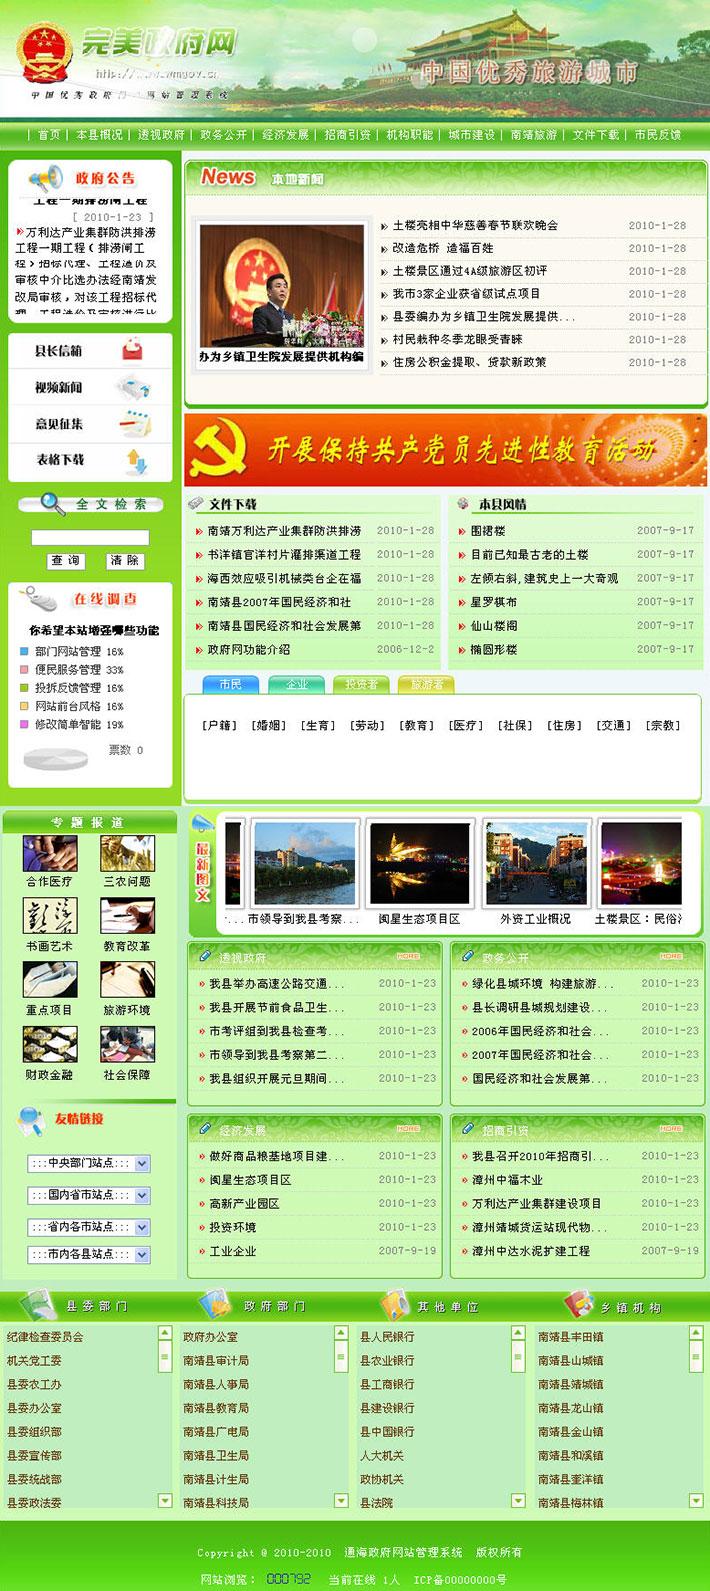 地方政府网站源程序